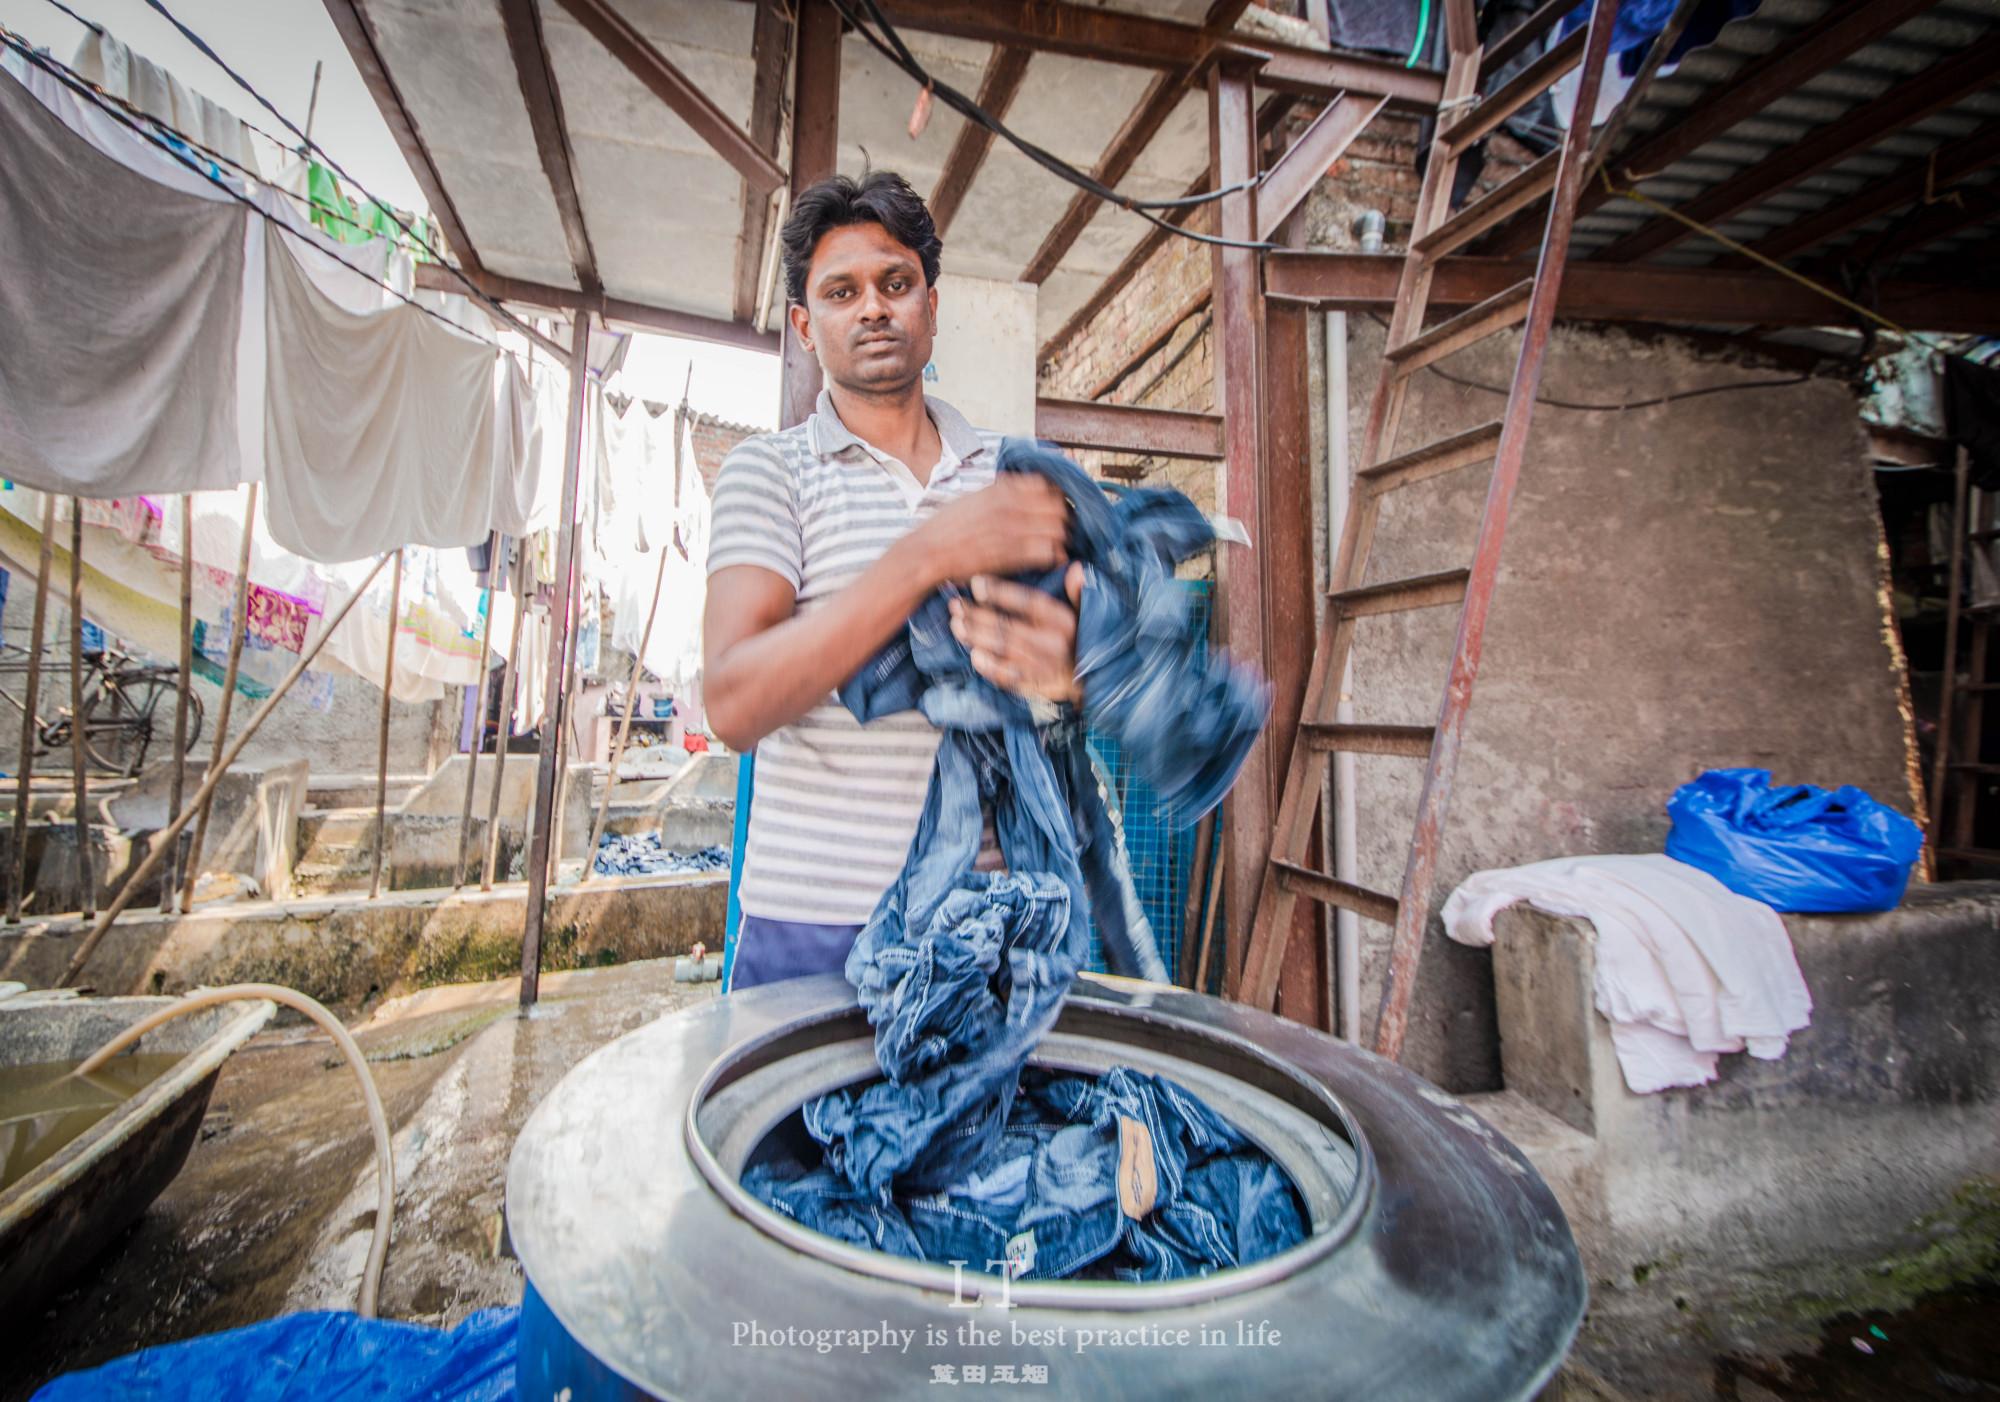 我的关键词 孟买穷户窟不穷户,探访印度最大千人洗衣场,揭秘其真相  消息资讯